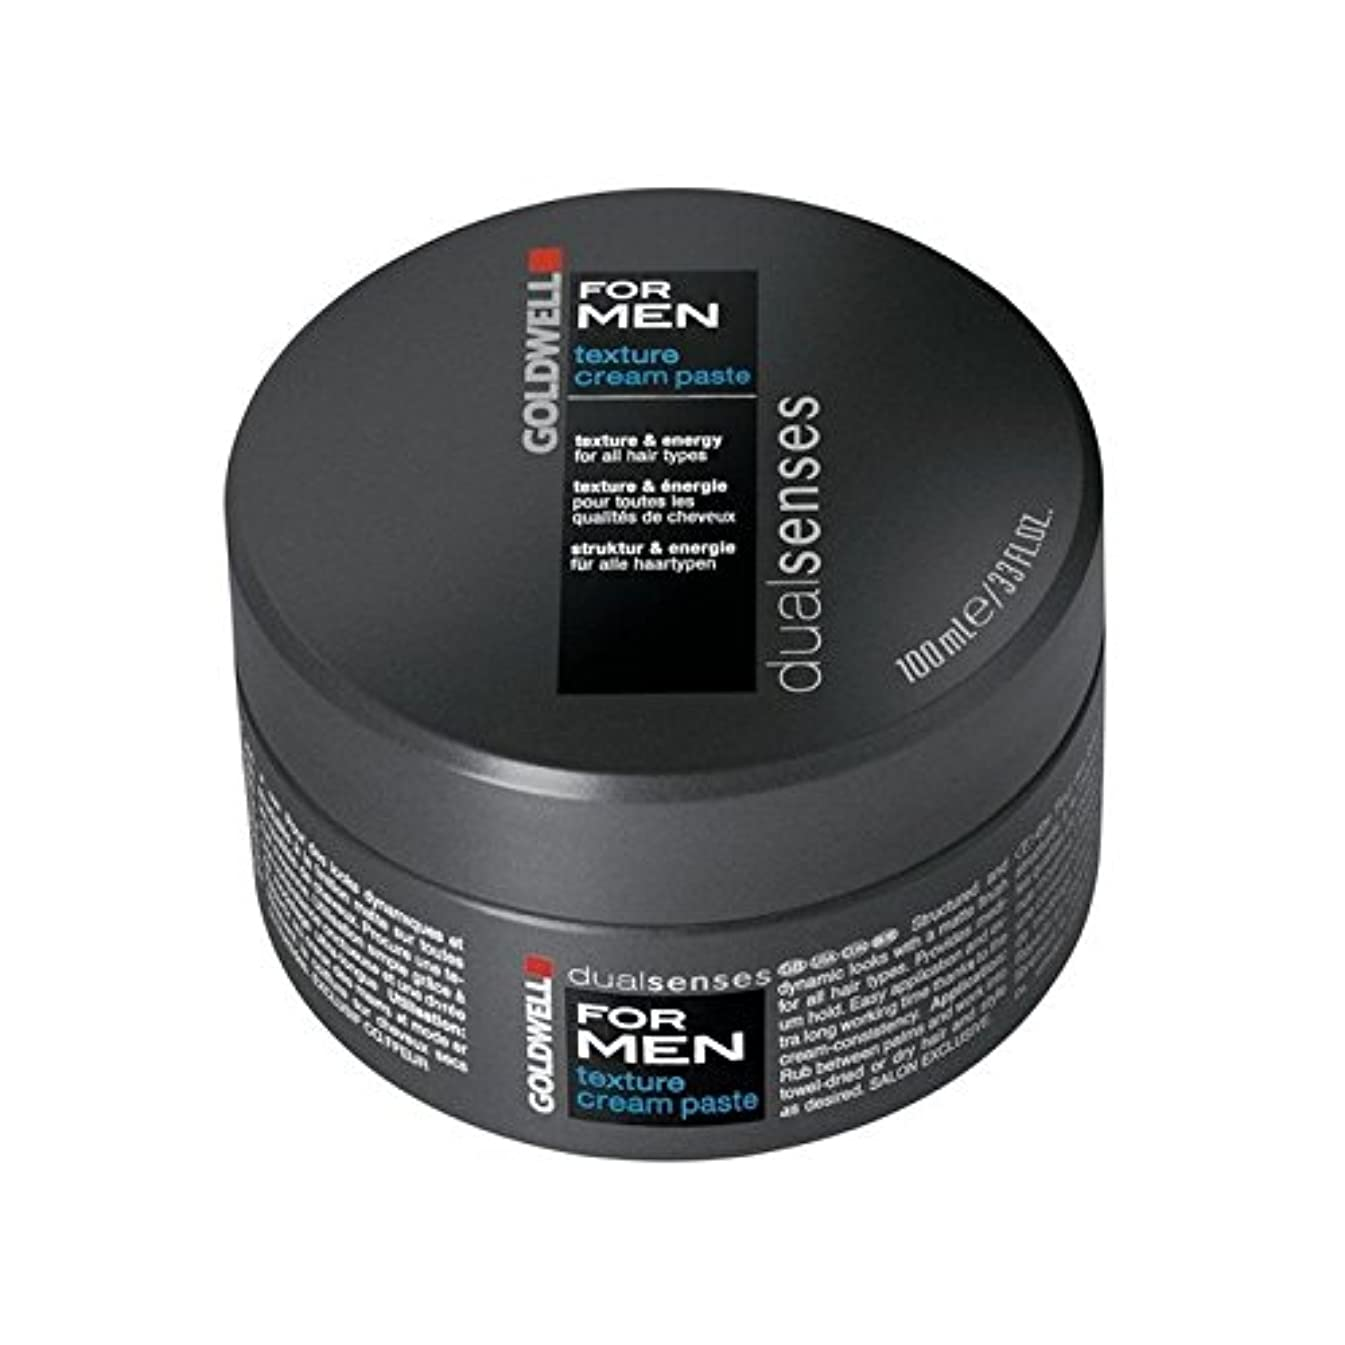 マリン外向き実施するGoldwell Dualsenses For Men Texture Cream Paste (100ml) - 男性のテクスチャーのクリームペースト(100ミリリットル)のためのの [並行輸入品]